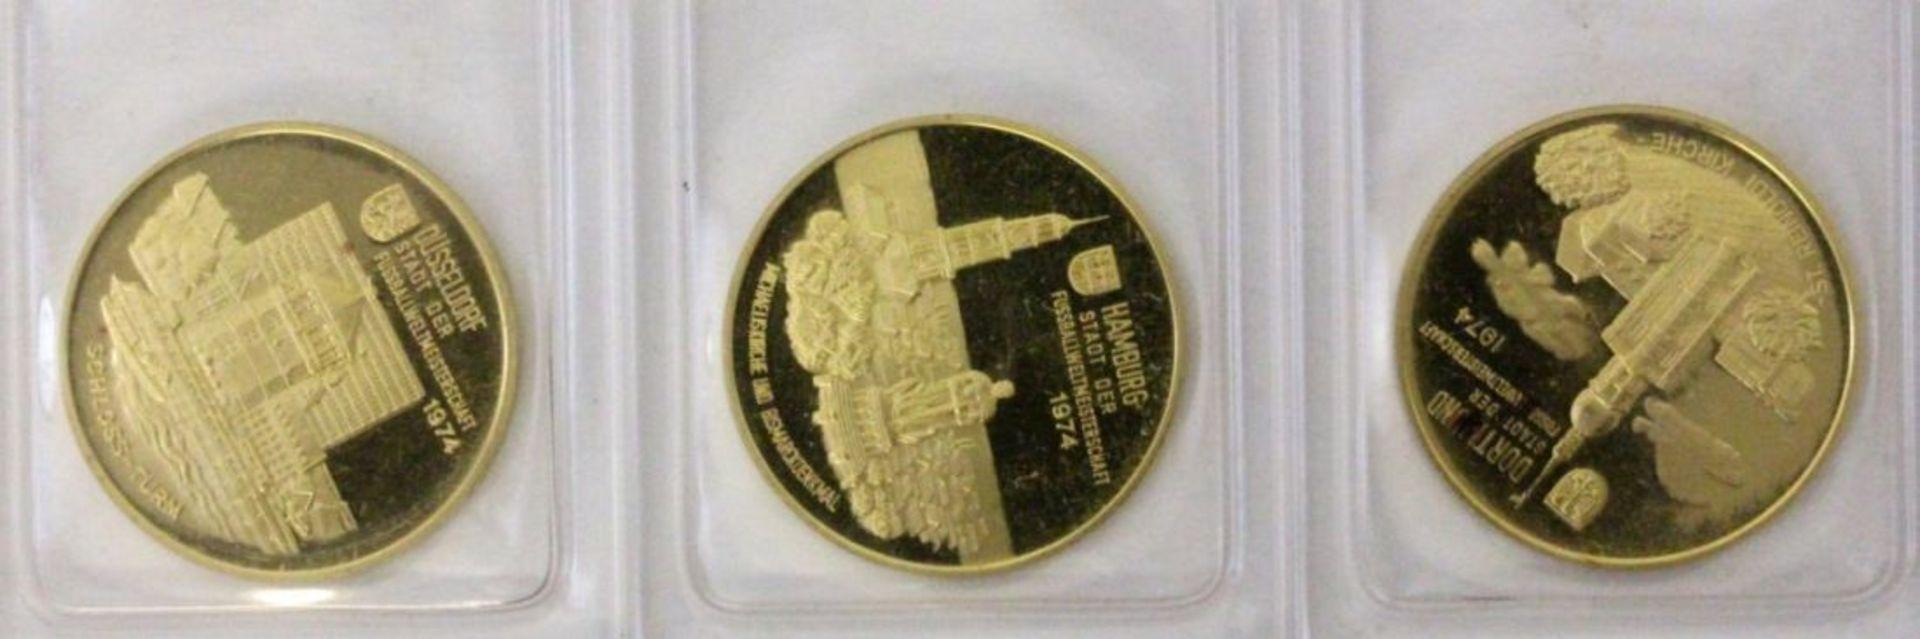 DREI GOLDMÜNZEN900/000 Gelbgold. Fussball Weltmeisterschaft Deutschland 1974. WM Städte Hamburg,